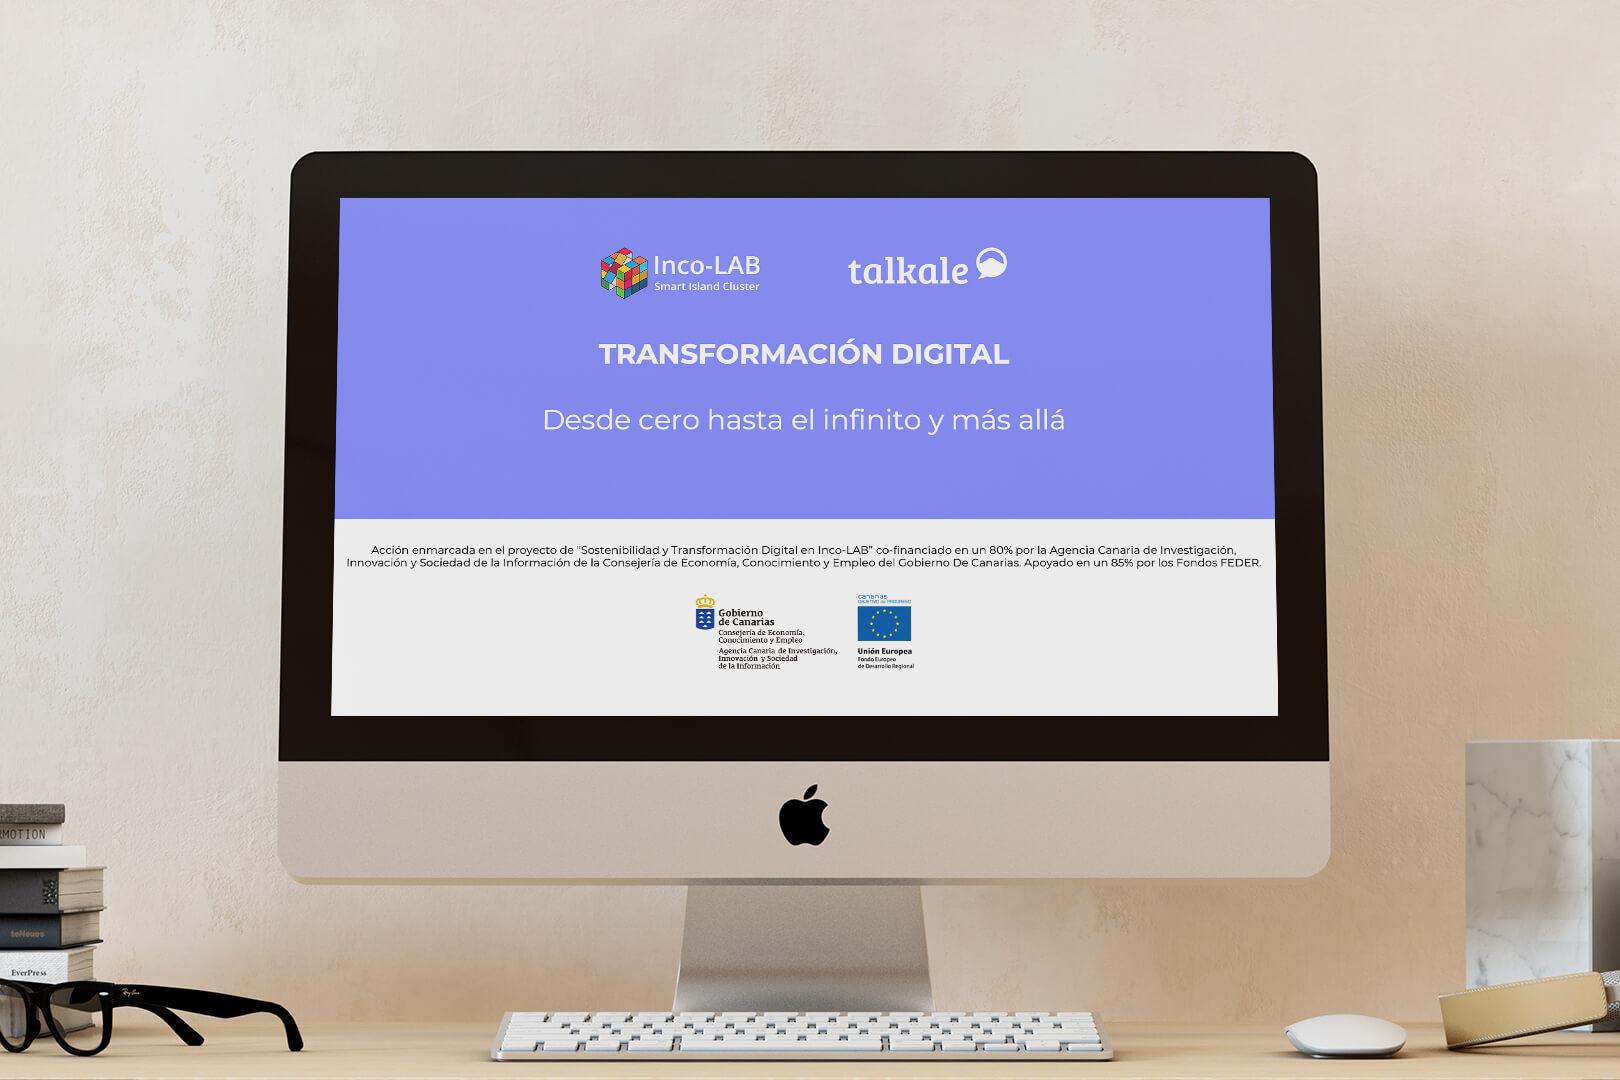 Formación en Transformación Digital para asociados de Inco-LAB